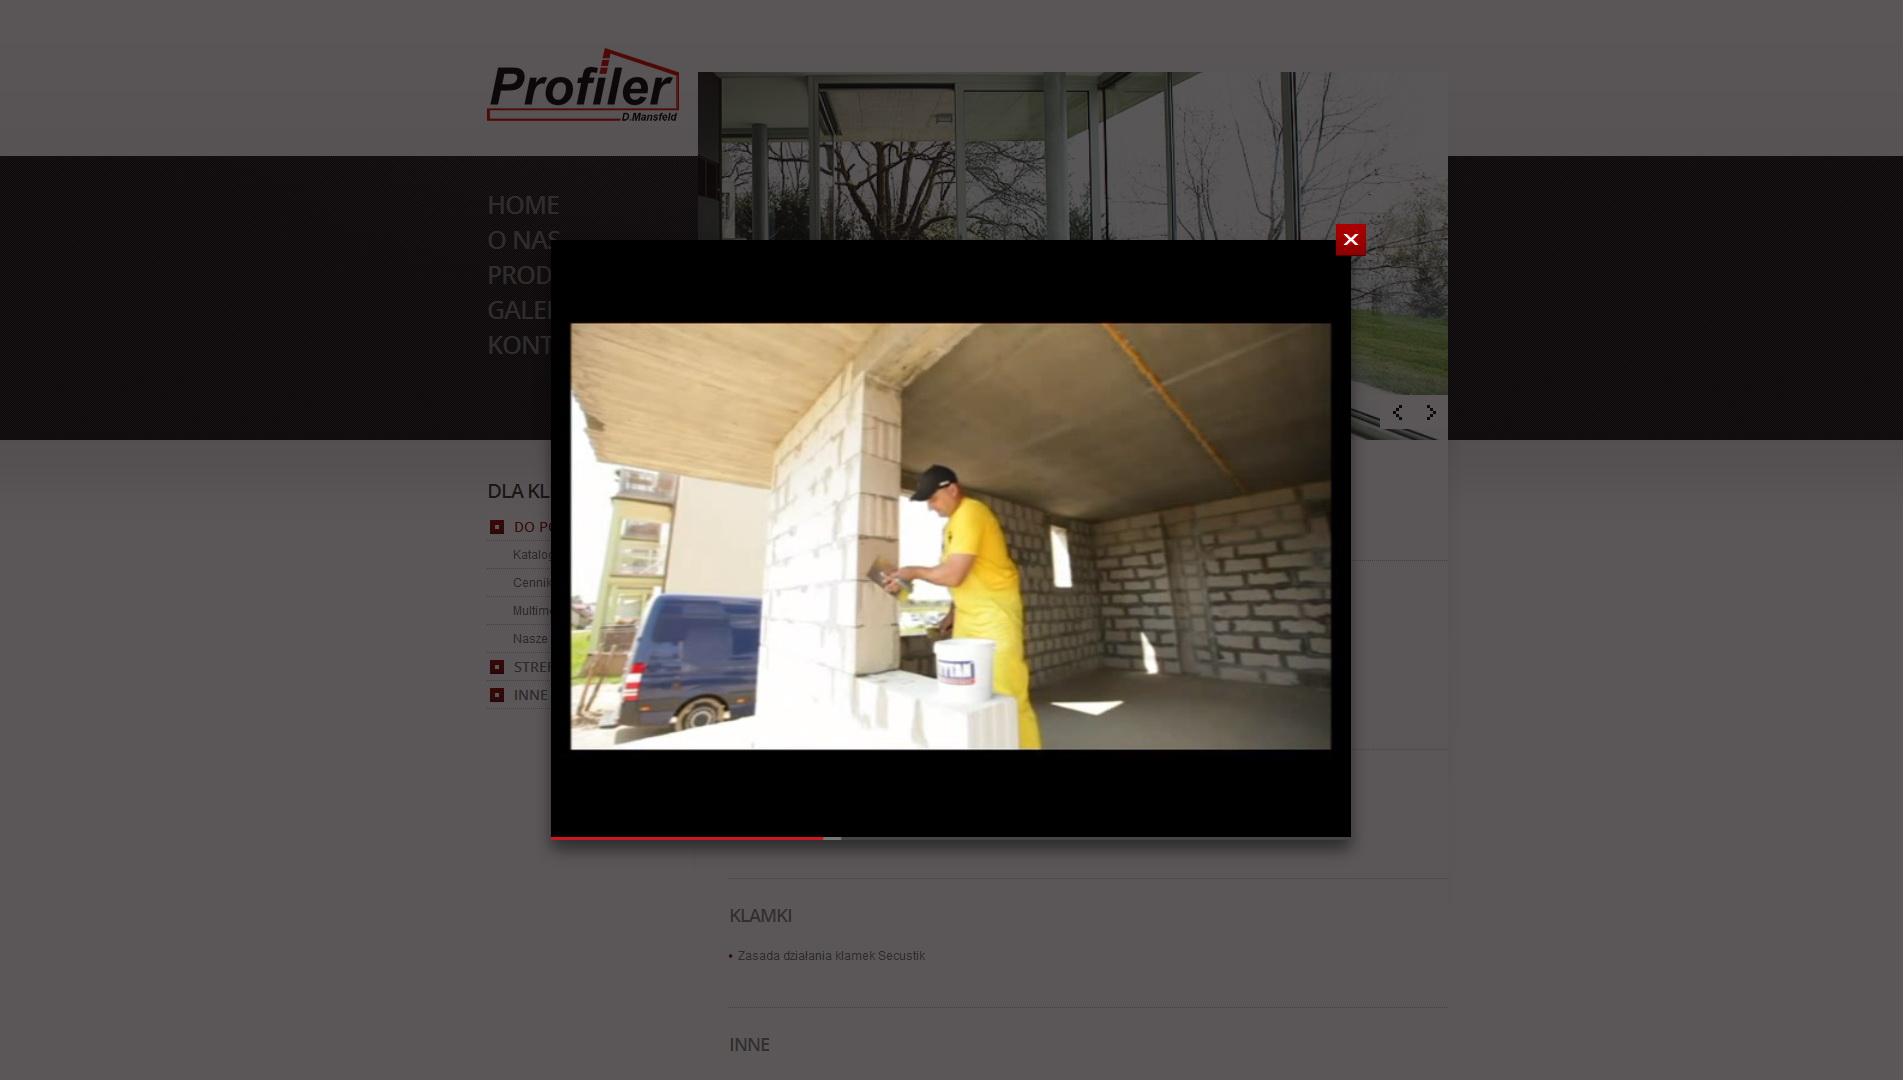 profiler5